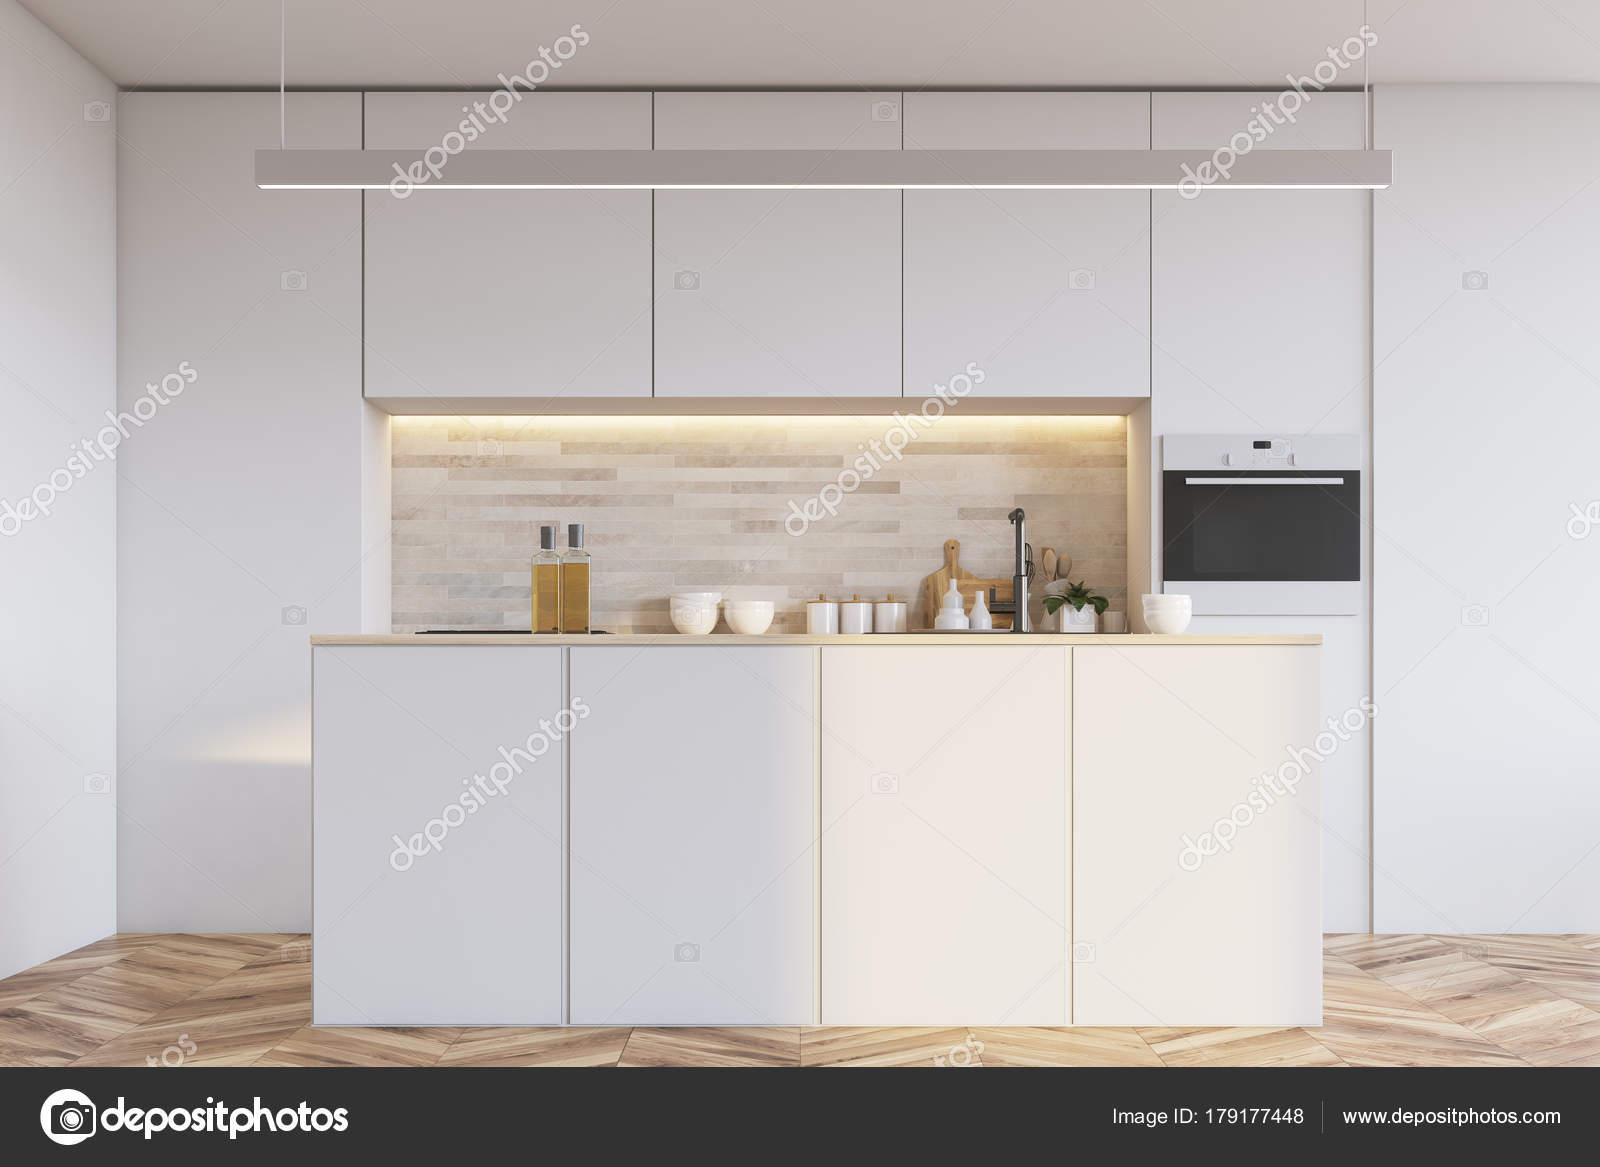 Biała Kuchnia Z Barem Zdjęcie Stockowe Denisismagilov 179177448